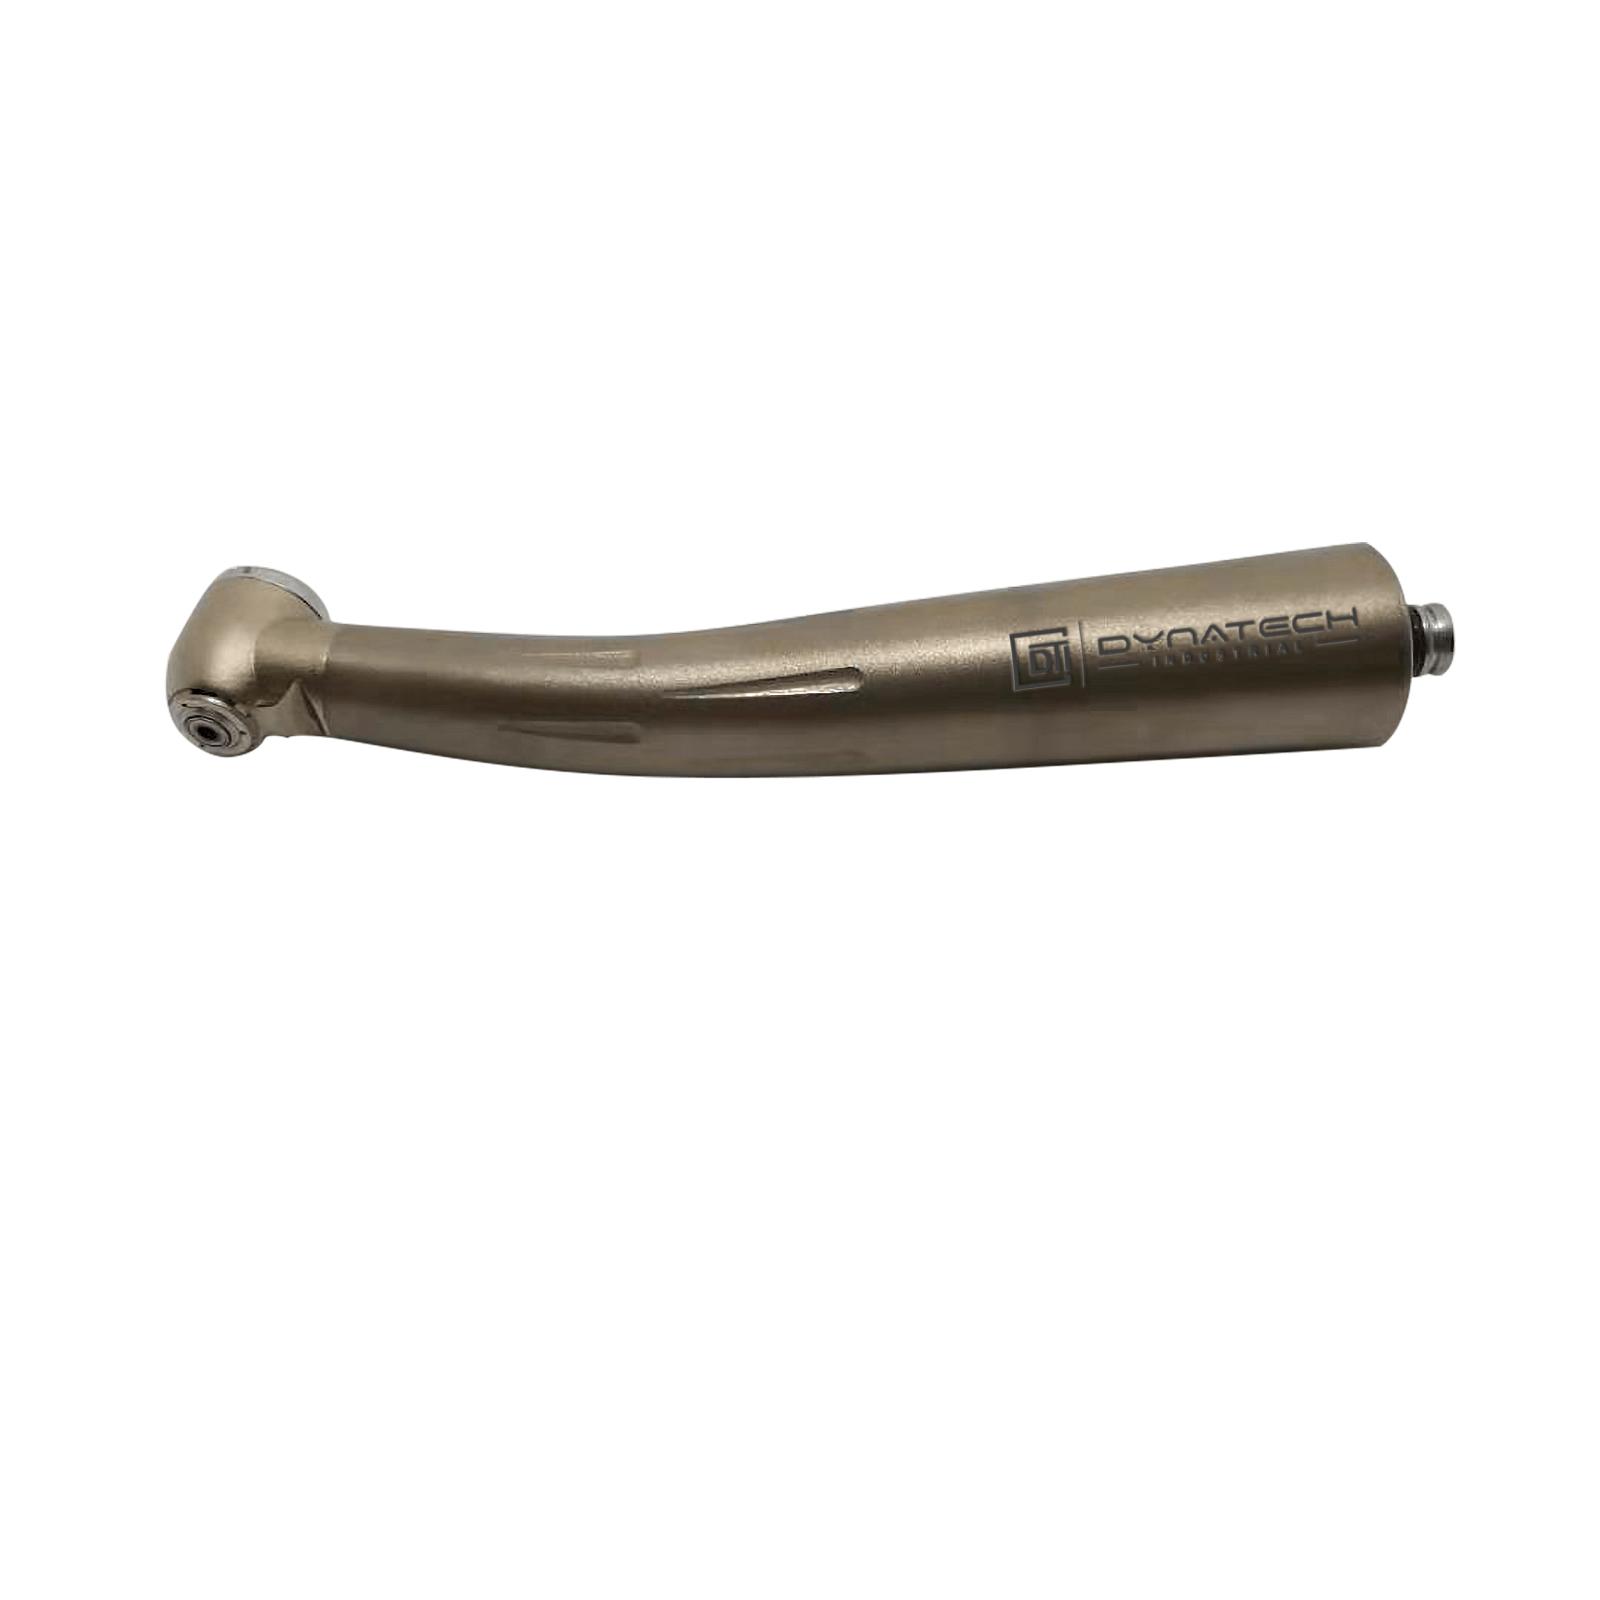 Dynatech Industrial Titanium NSK high speed handpiece